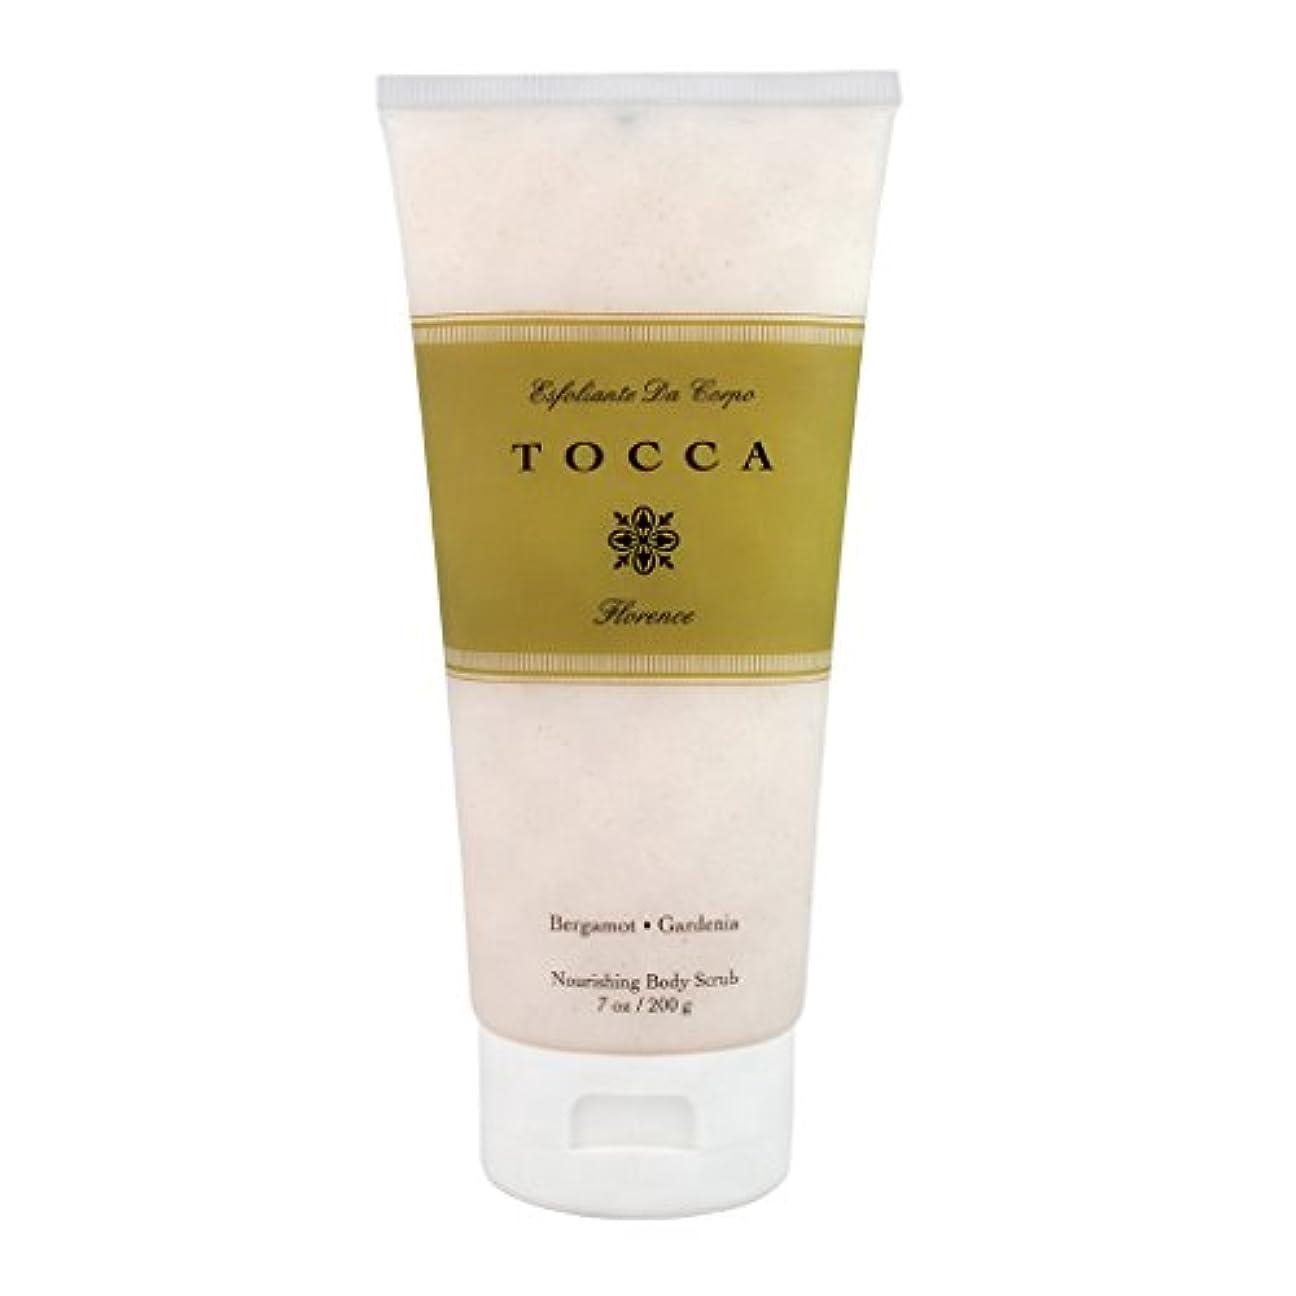 発火するニュージーランドセメントトッカ(TOCCA) ボディーケアスクラブ フローレンスの香り 200ml(全身?ボディー用マッサージ料 ガーデニアとベルガモットが誘うように溶け合うどこまでも上品なフローラルの香り)